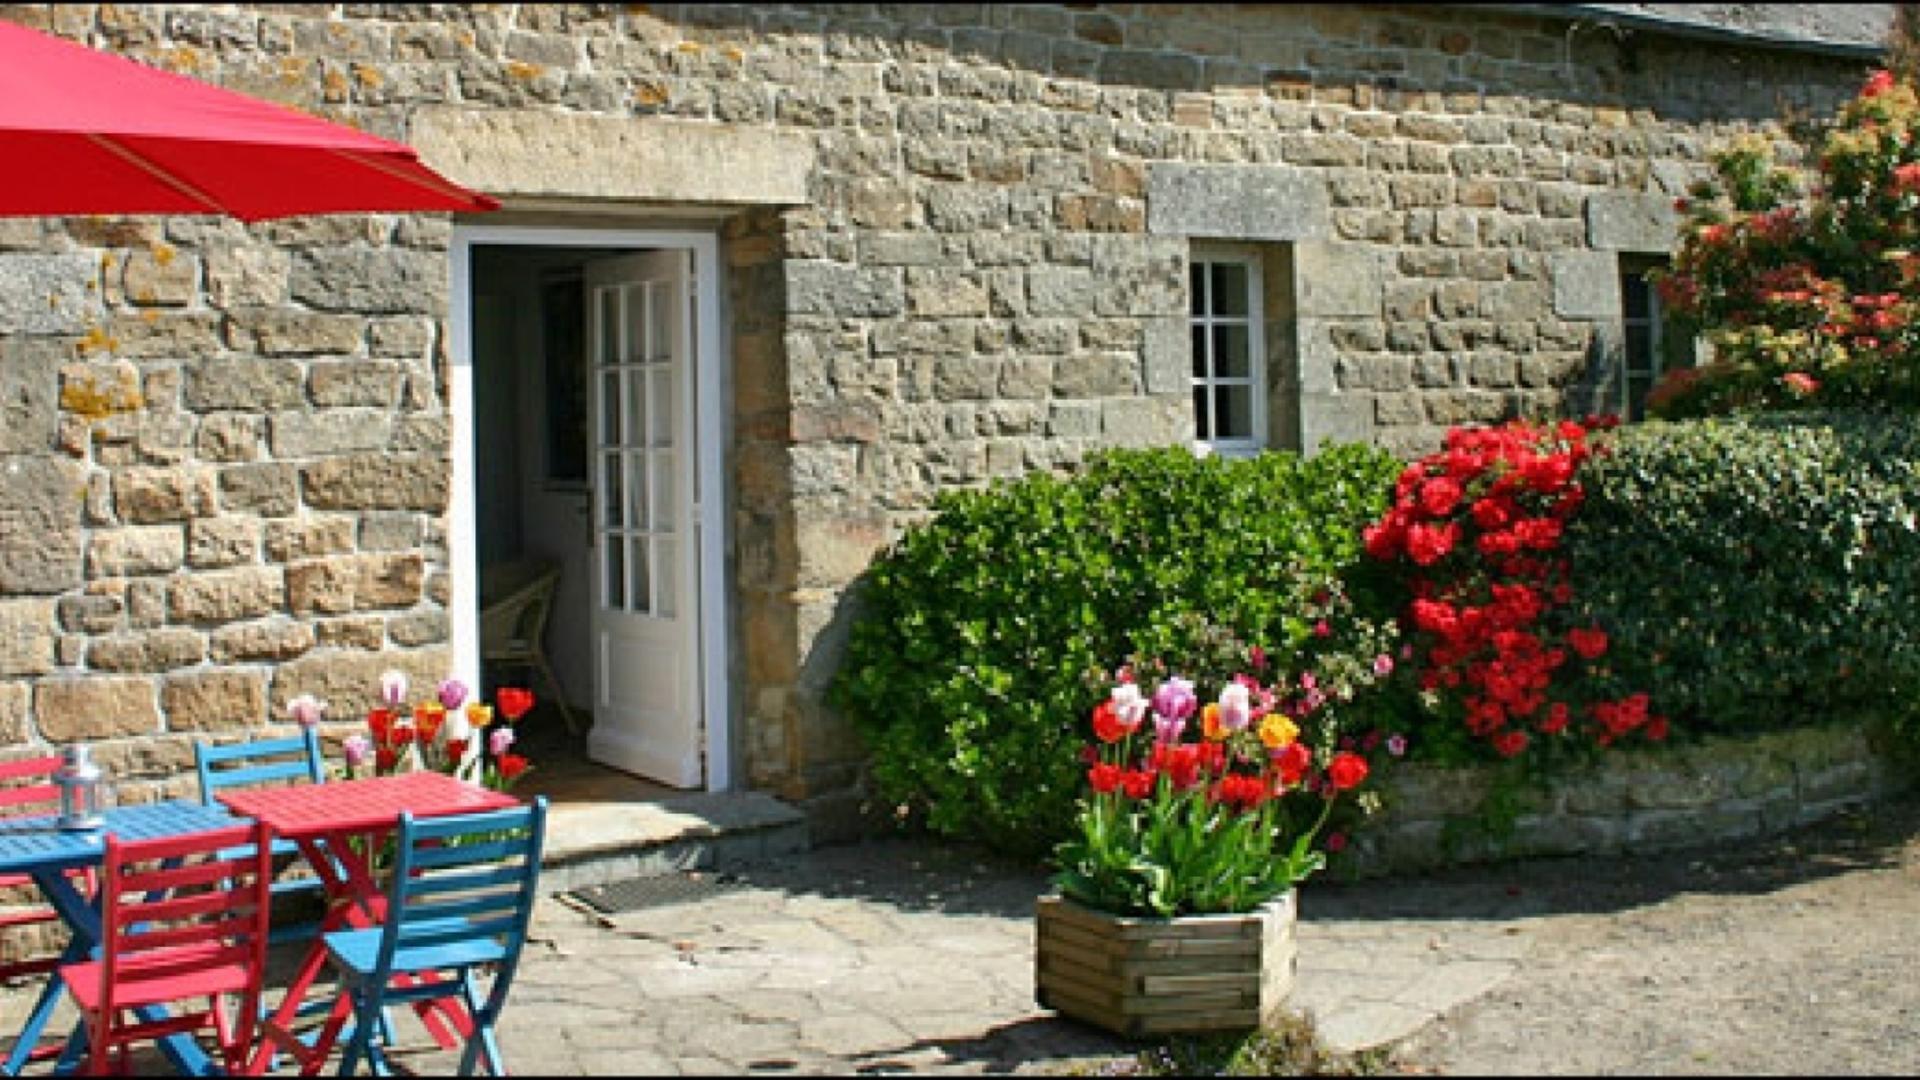 Gites en Tregor, child-friendly holiday cottages in Brittany